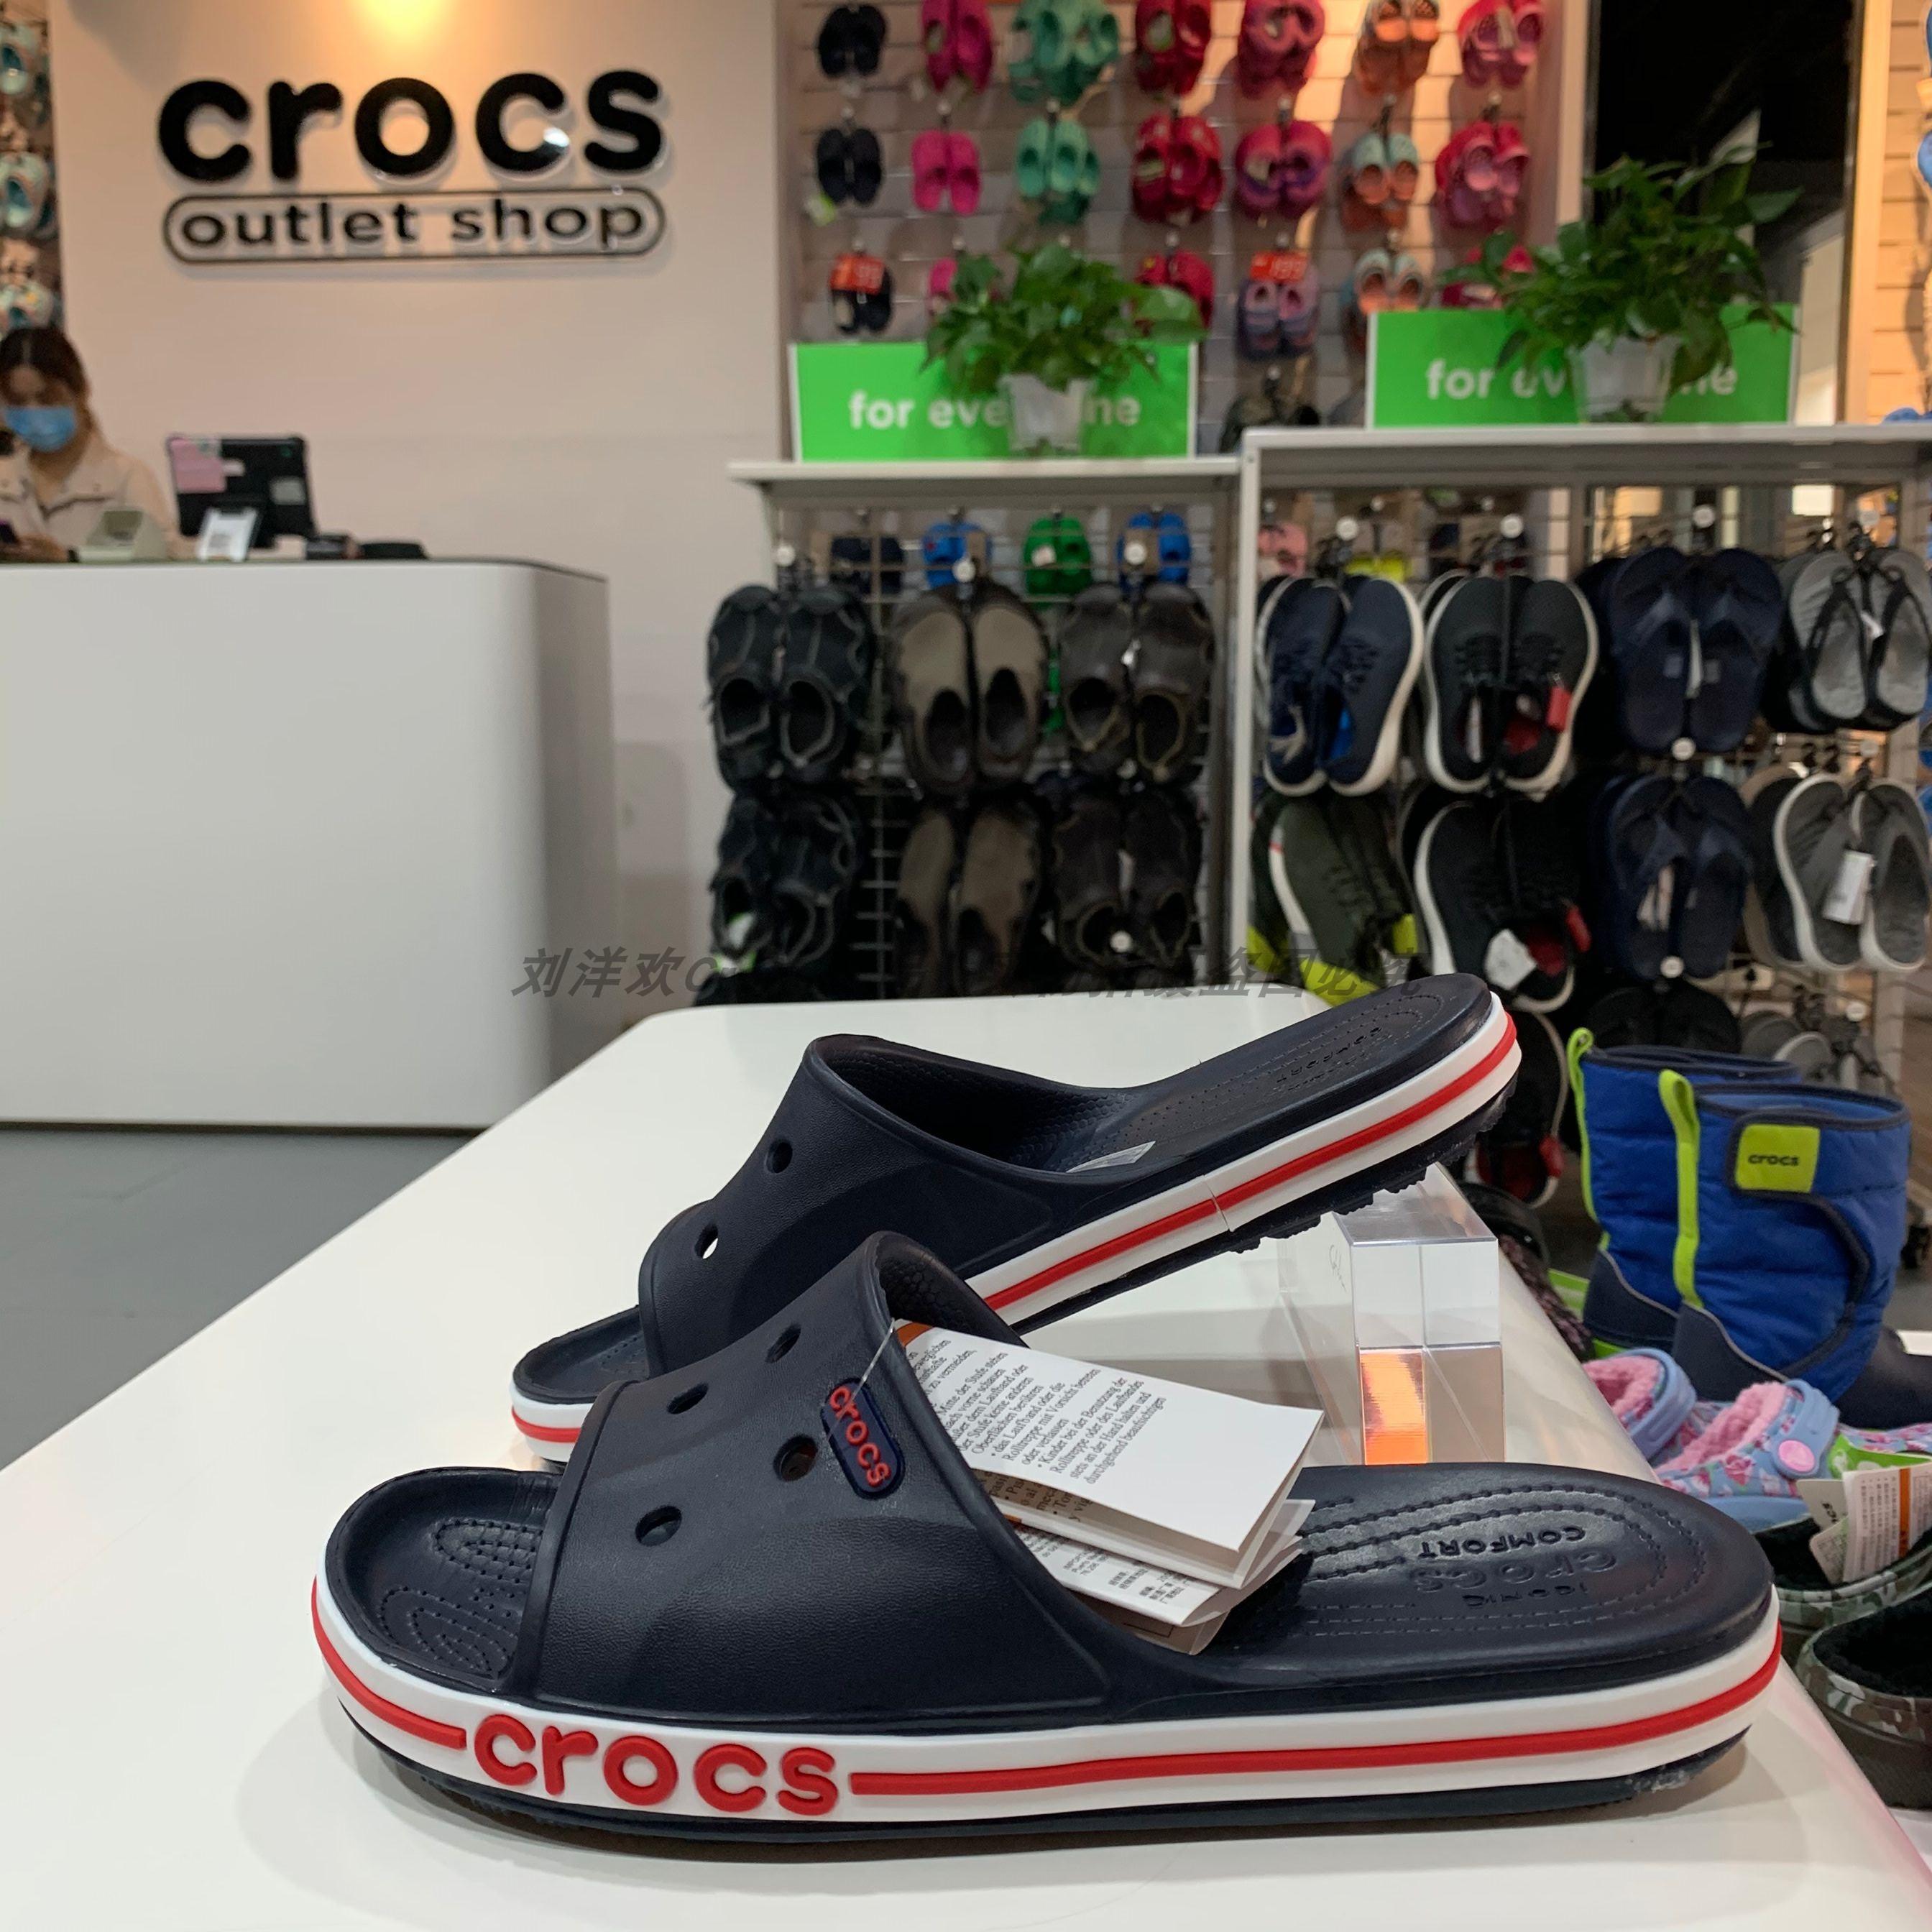 Crocs男女鞋一字拖贝雅卡骆班沙滩卡骆驰洞洞鞋平底凉拖鞋205392